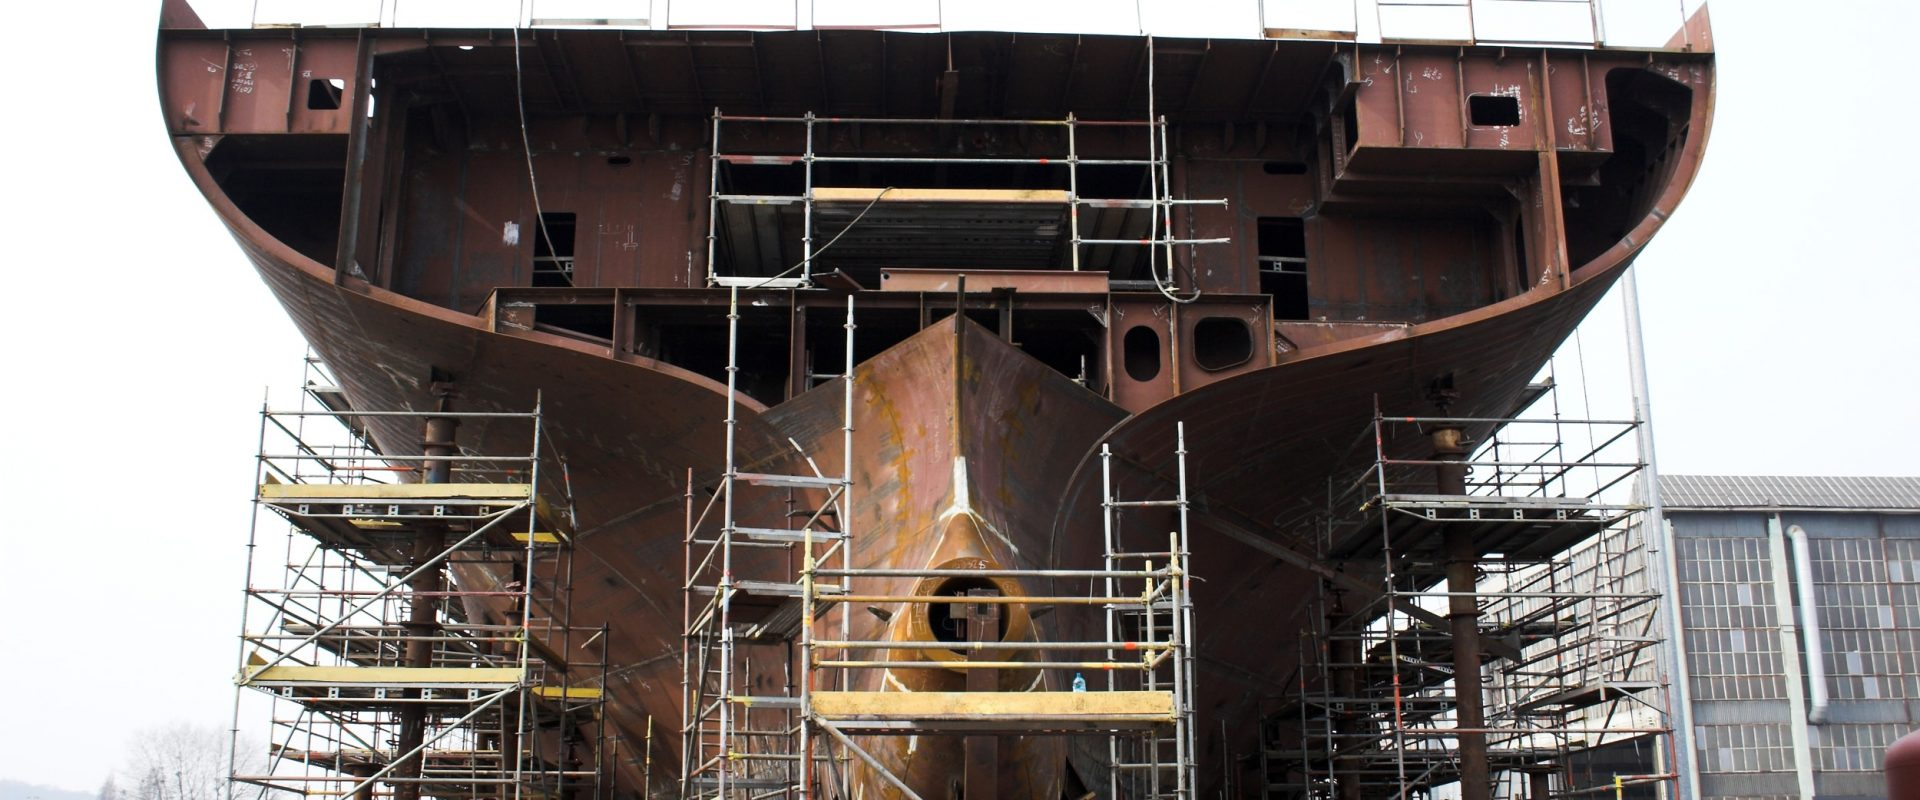 Undersiden av et stort skip som er under bygging